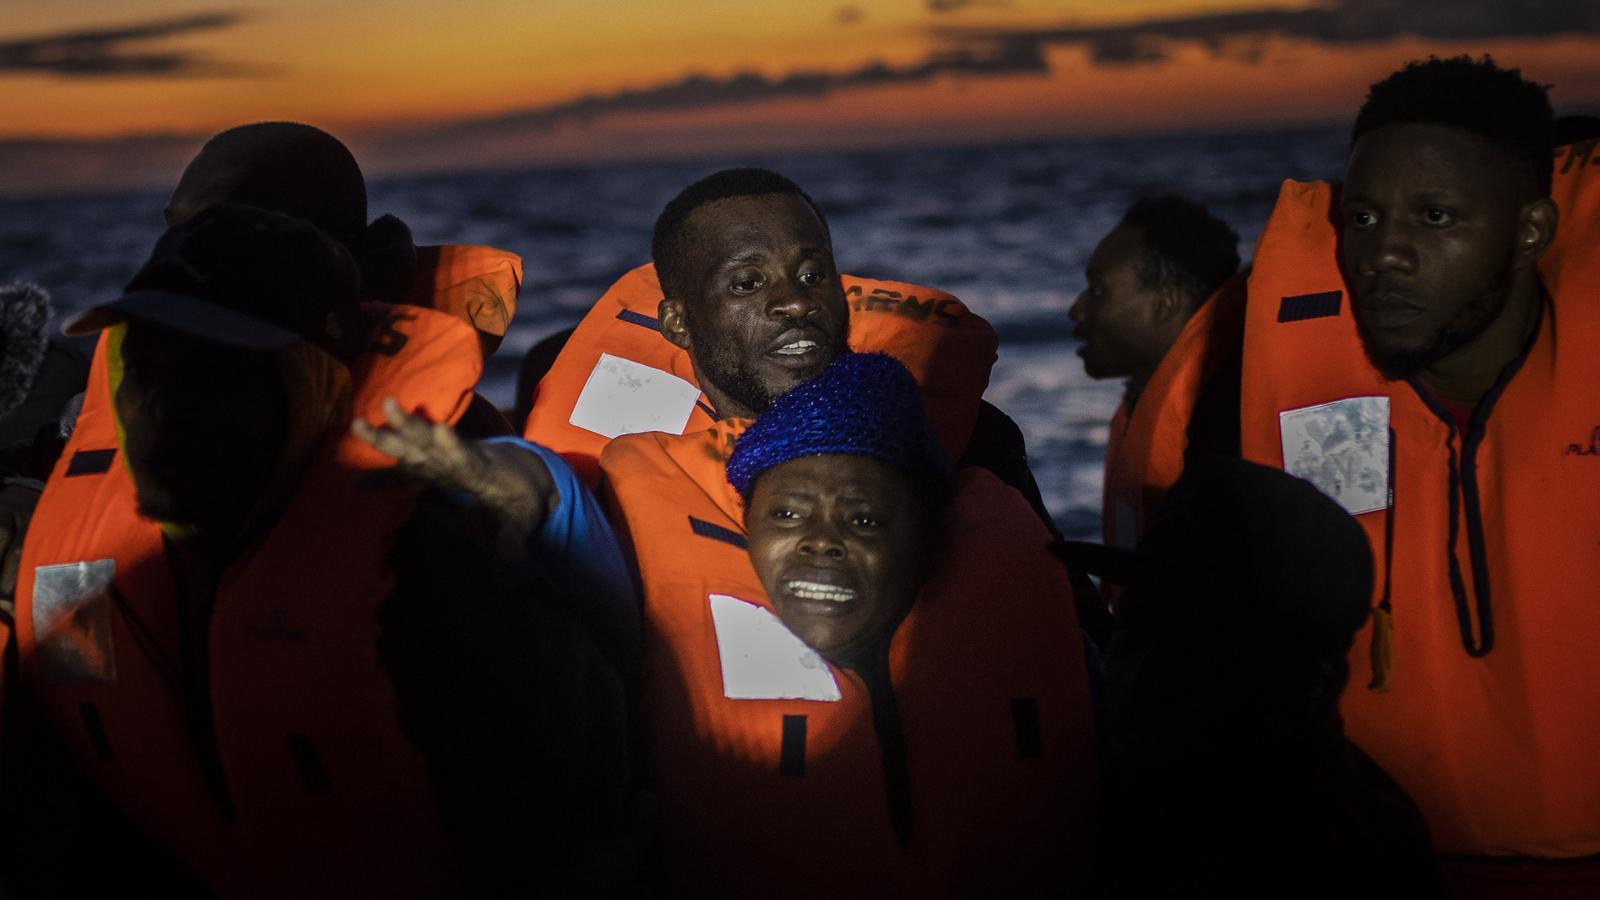 Migrants rescatats per l''Open Arms' aquest divendres al Mediterrani Central. SANTI PALACIOS